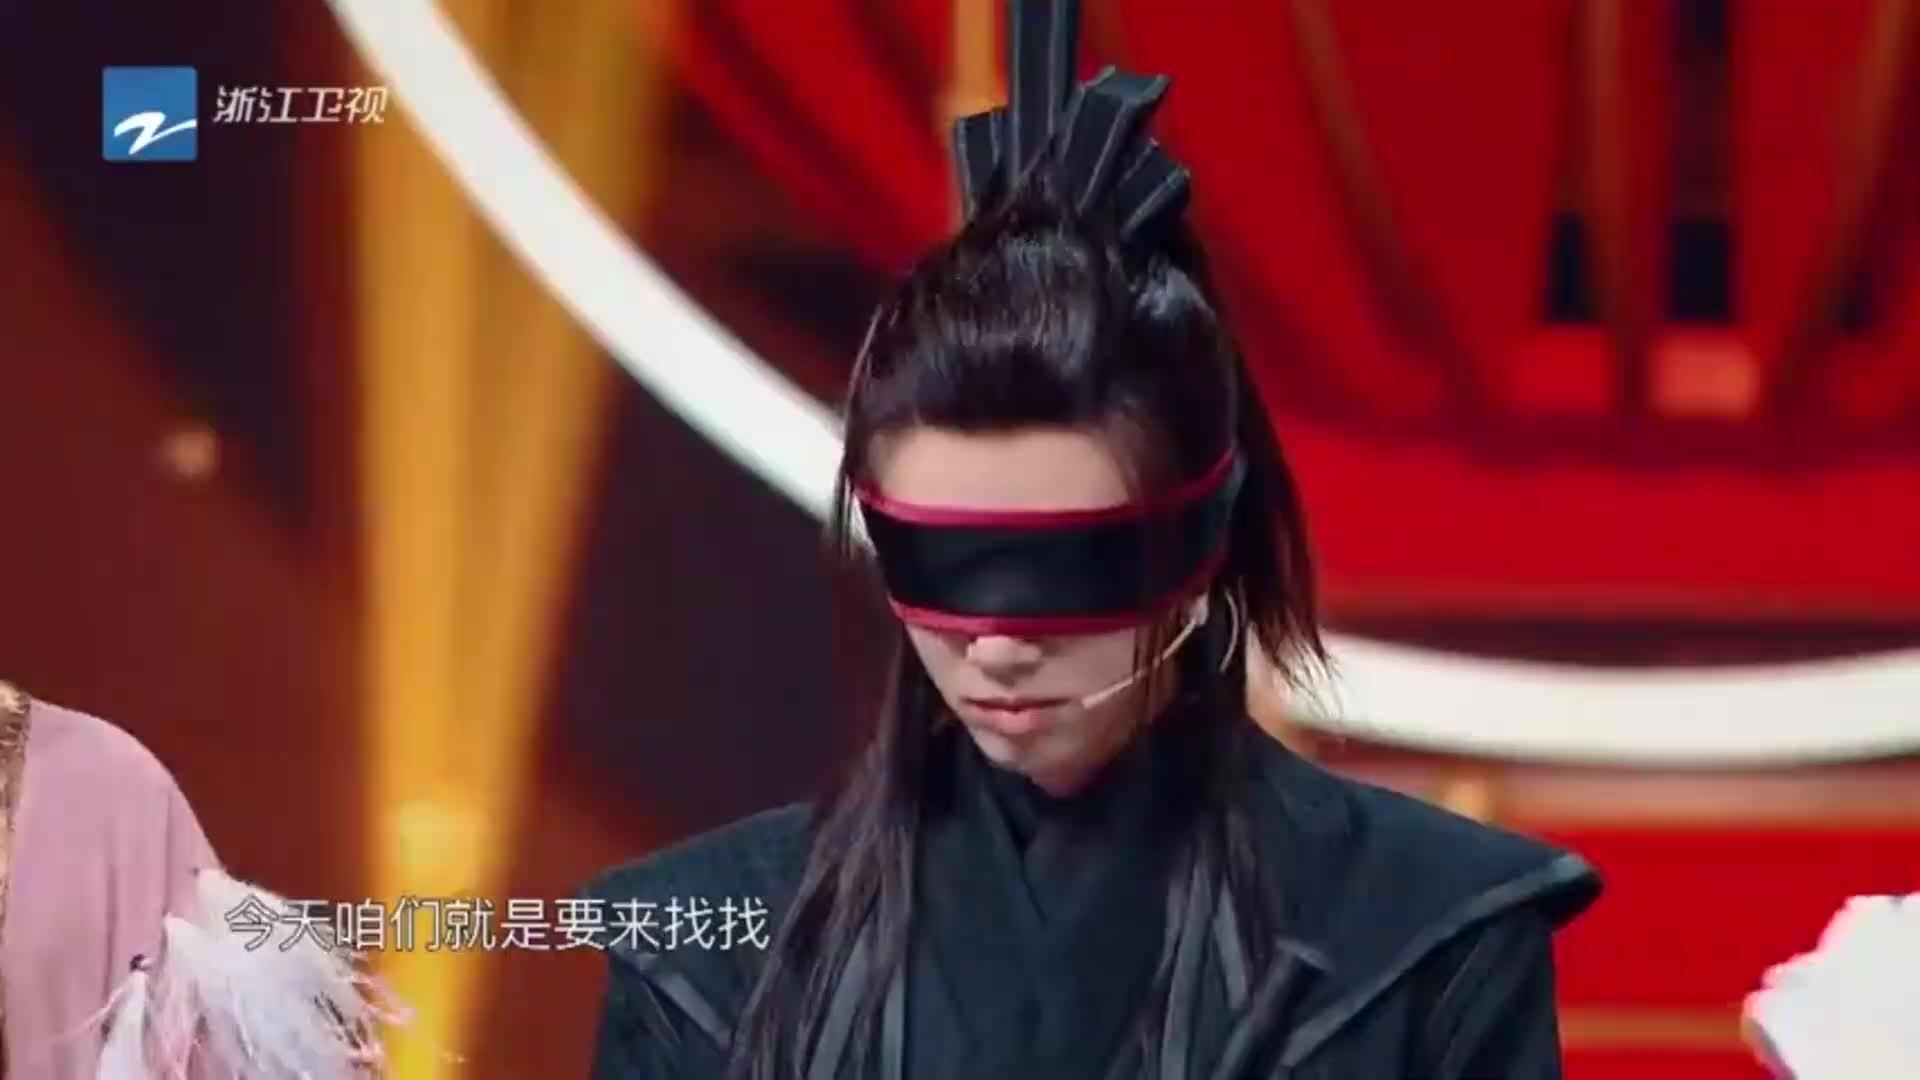 王牌第5季:高曙光出场就认出贾玲是鸡腿姑娘,贾玲这个美呀